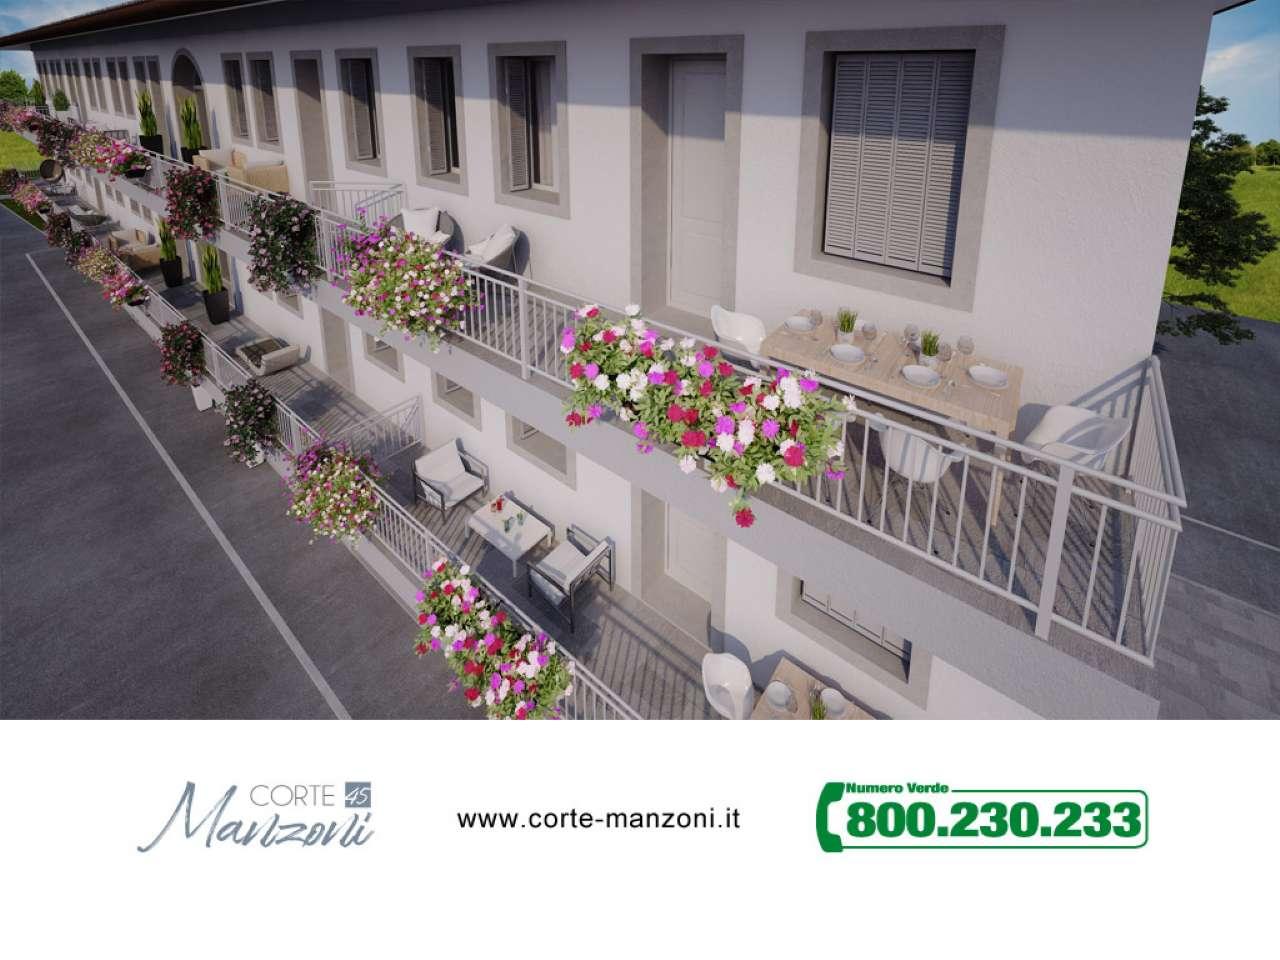 Nuovo appartamento di tre locali in Corte Manzoni, foto 5